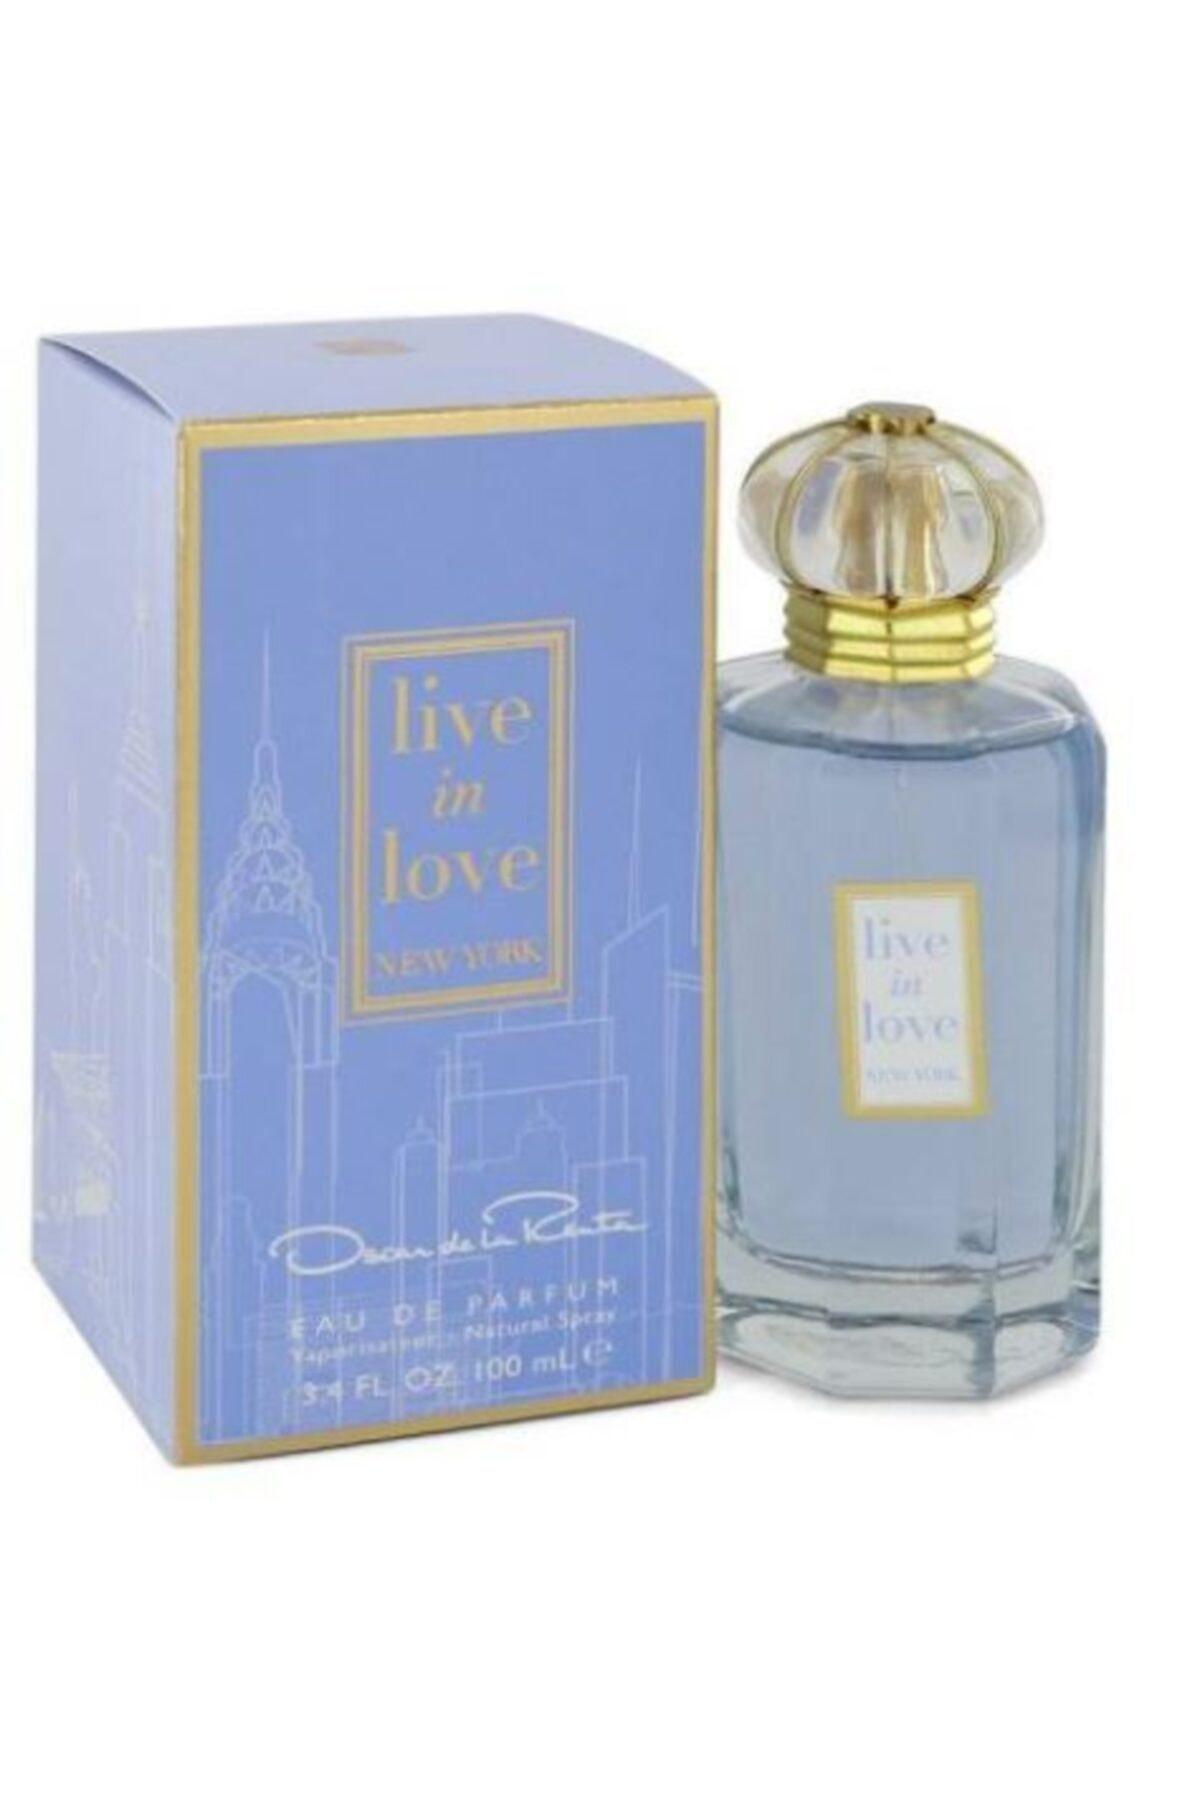 Oscar De La Renta Live In Love New York Edp 100 Ml - Ith. Belge 1